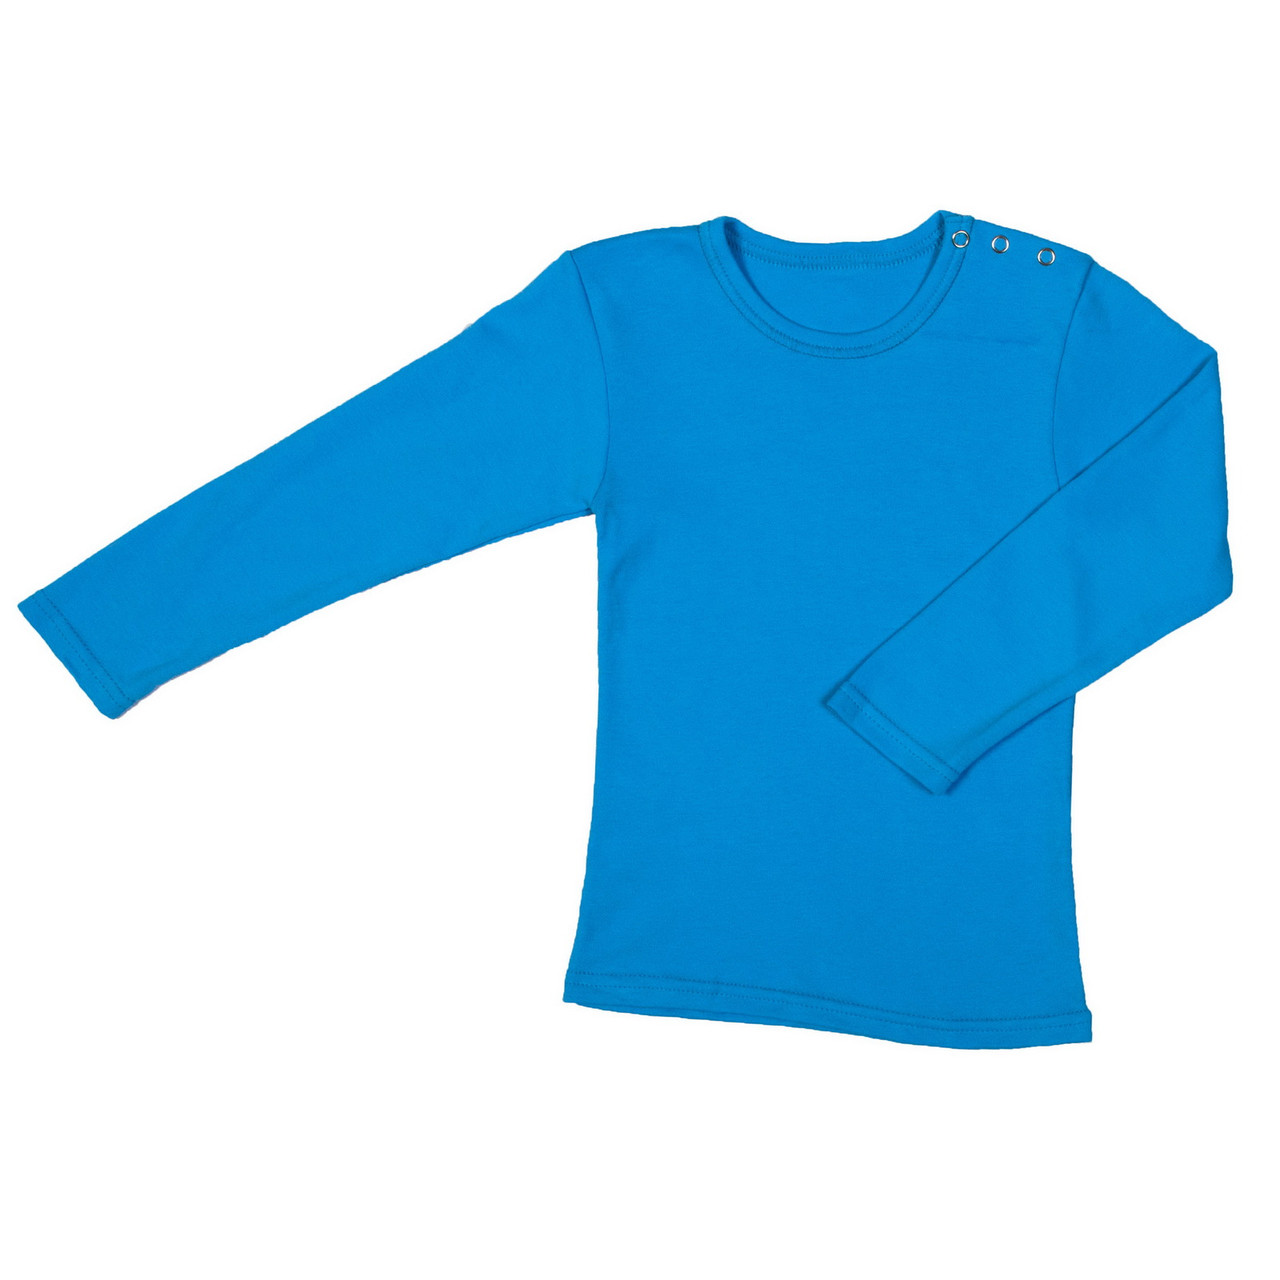 Футболка кнопка длинный рукав, реглан голубой